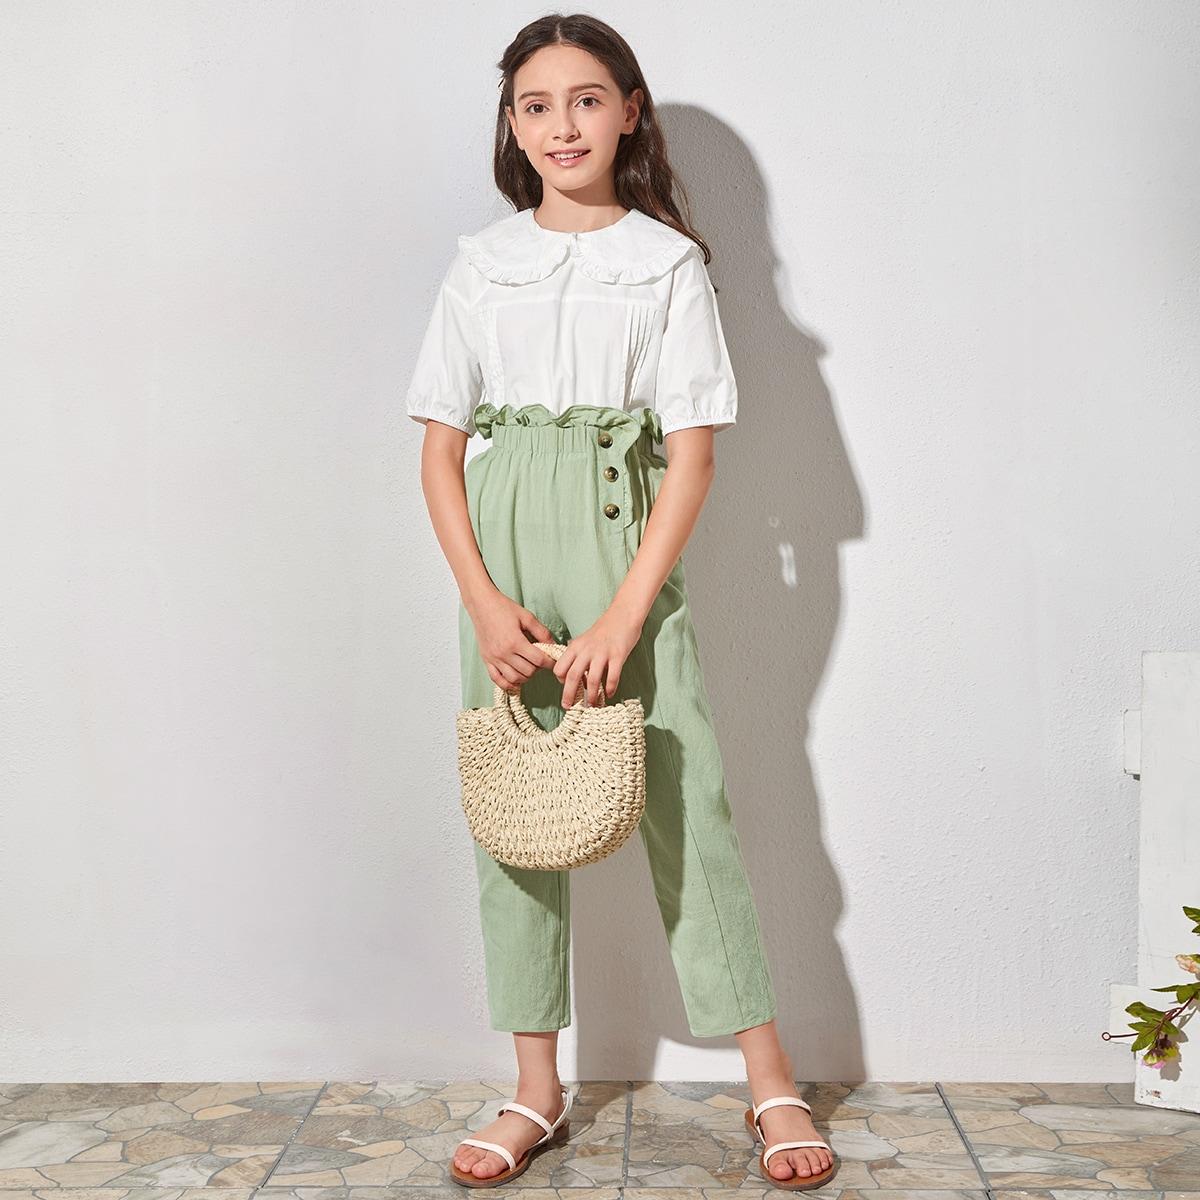 SHEIN / Top mit Rüschenbesatz und Peter-pan-Kragen und Hose Set mit Papiertaschen auf Taille